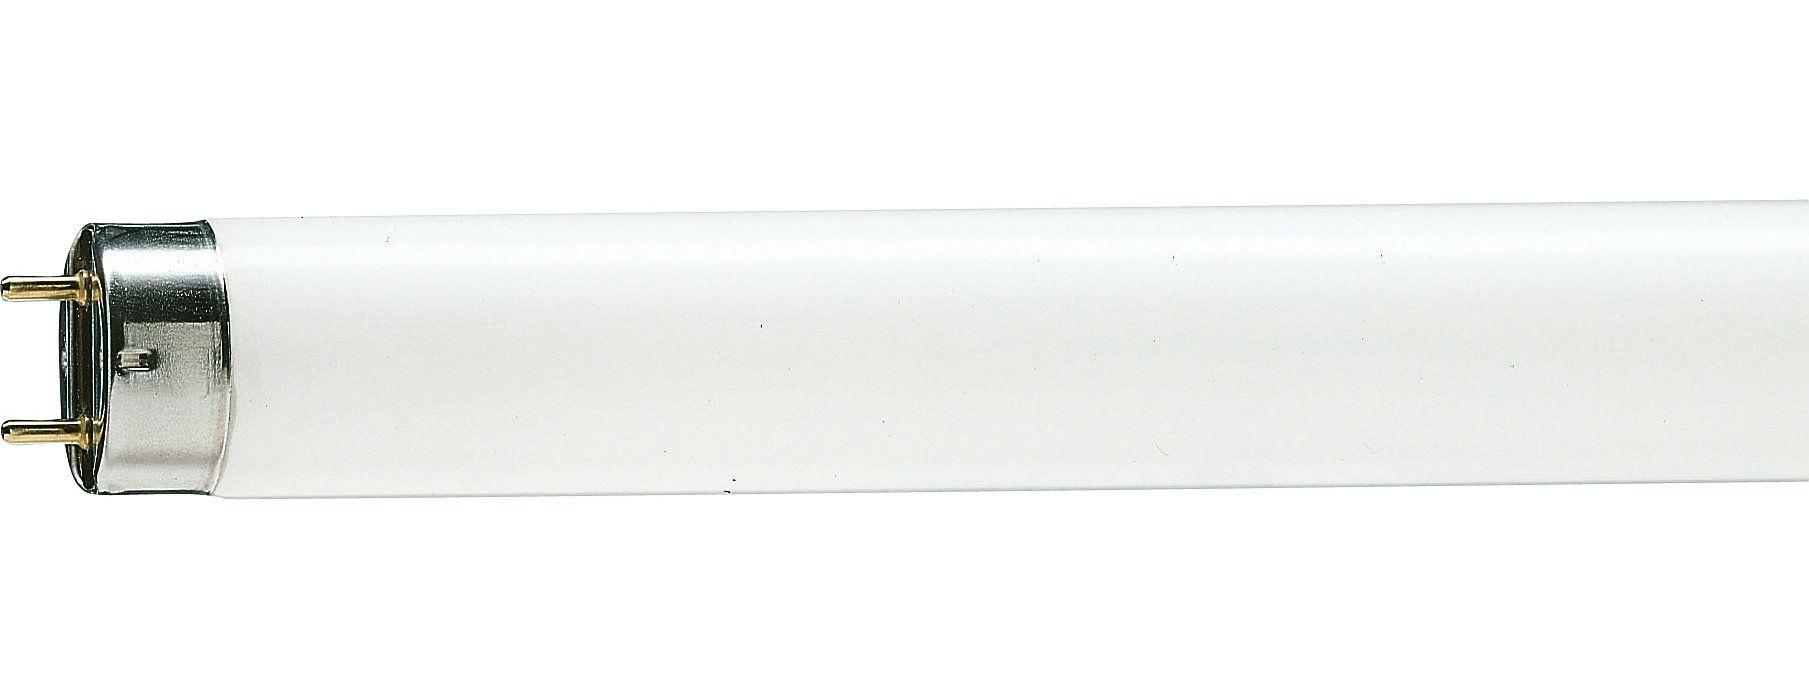 Lâmpada BL 30W/10, TL 30W/10 450mm G13 Philips